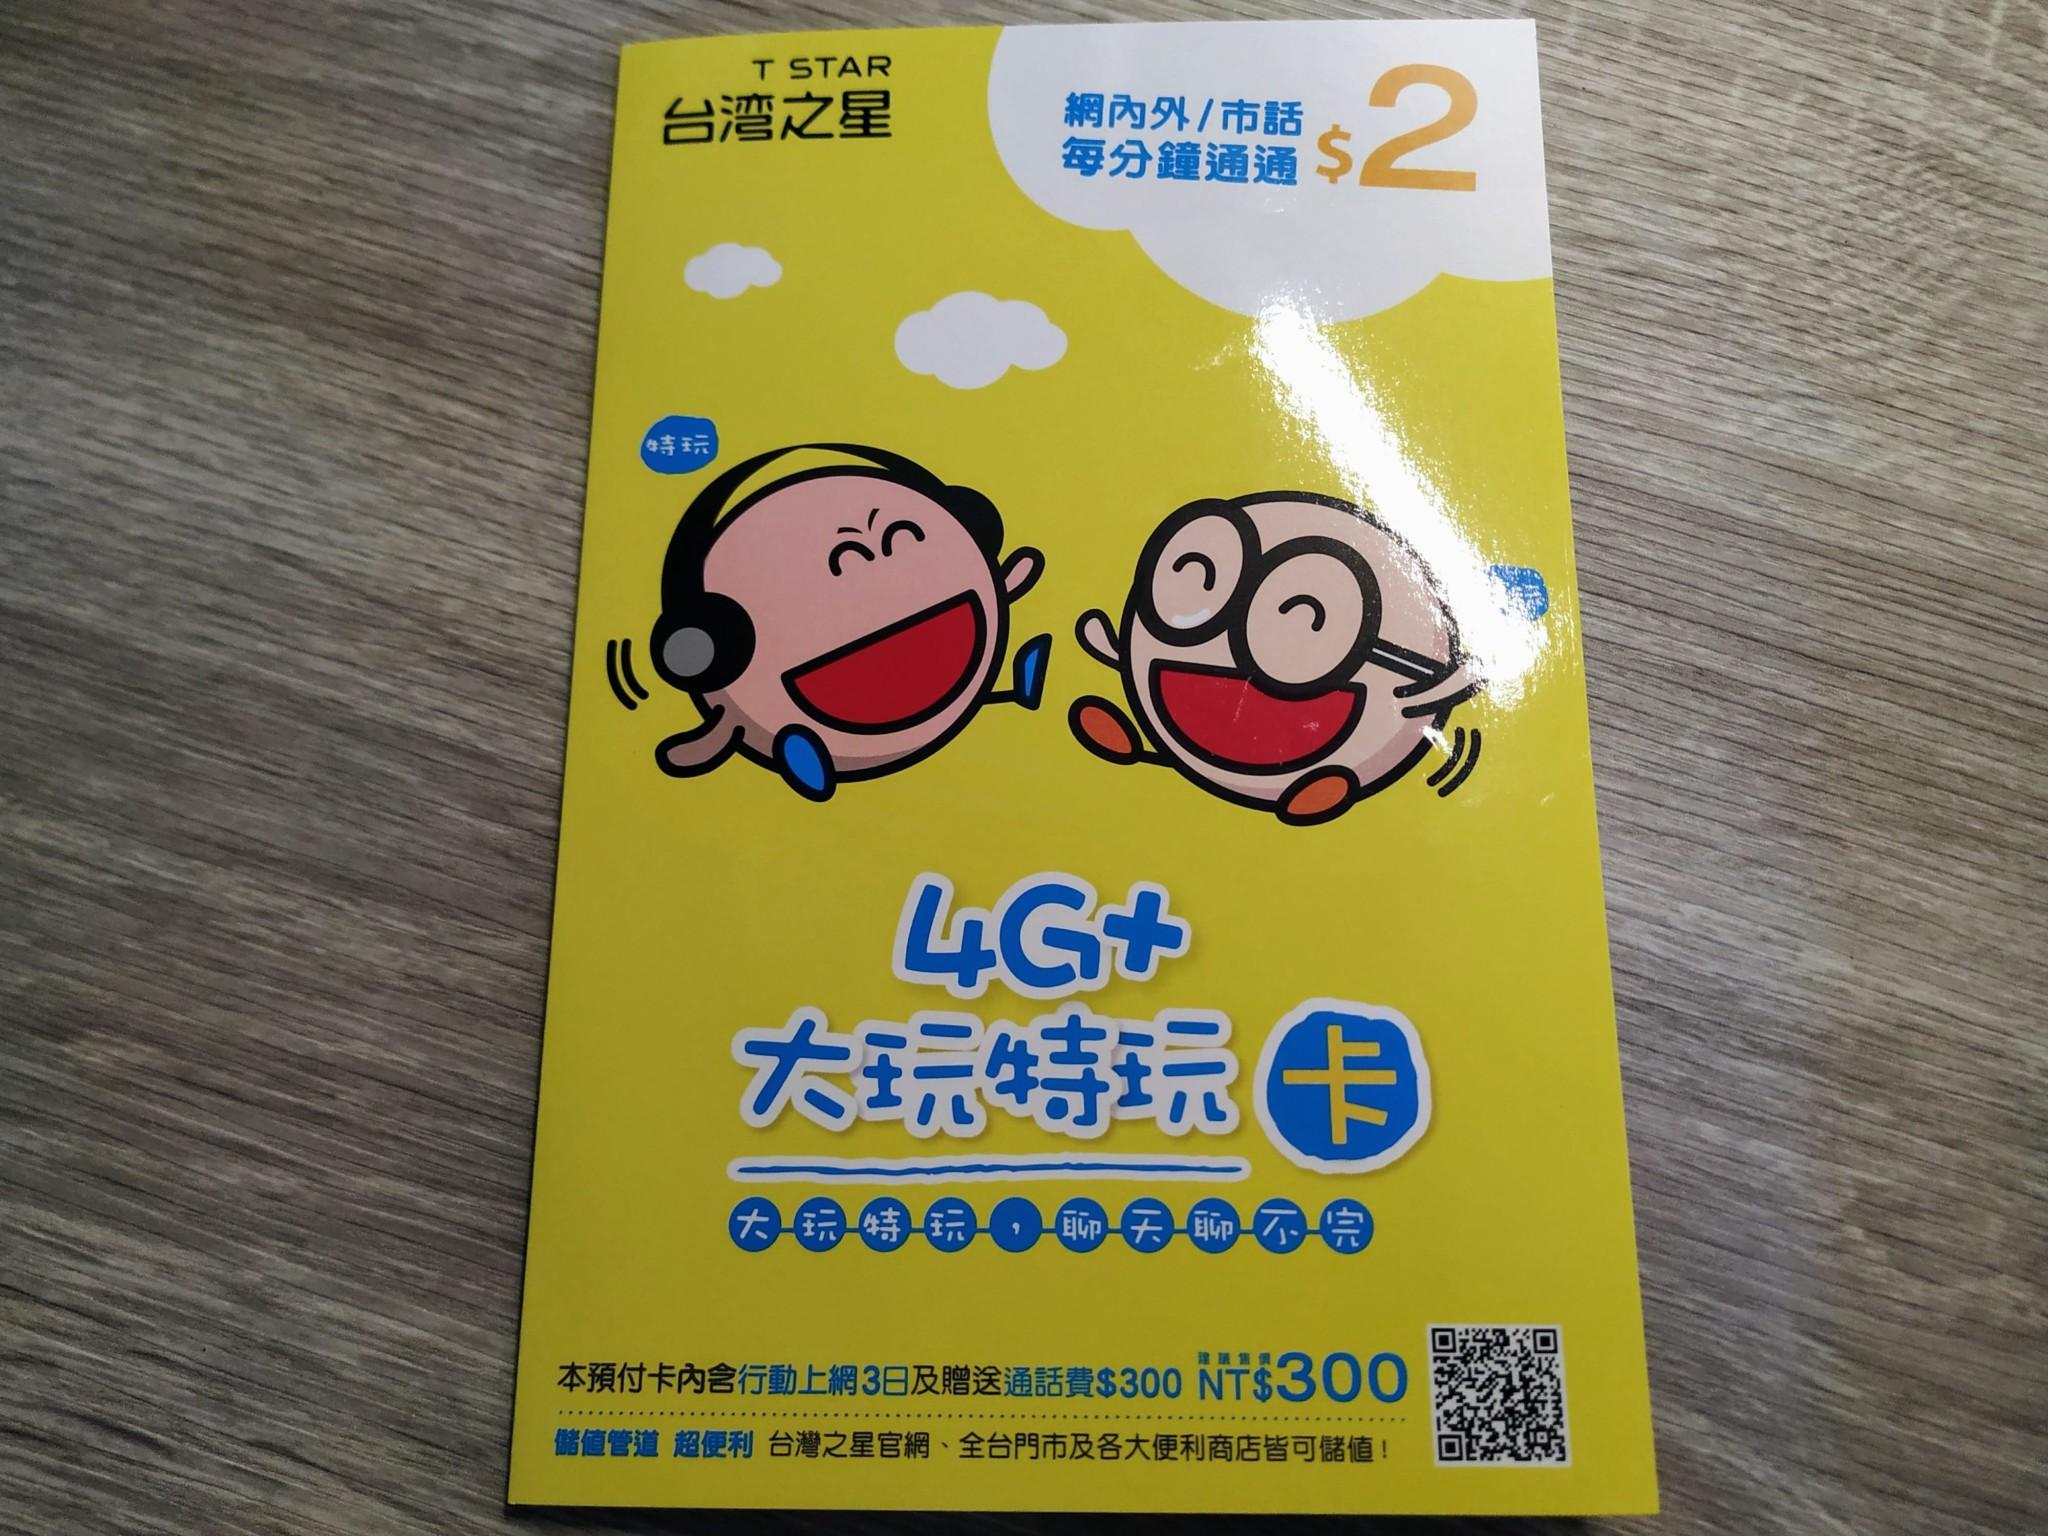 台湾之星でSIMカードを購入。購入手続きとプランについて【コスパ重視】